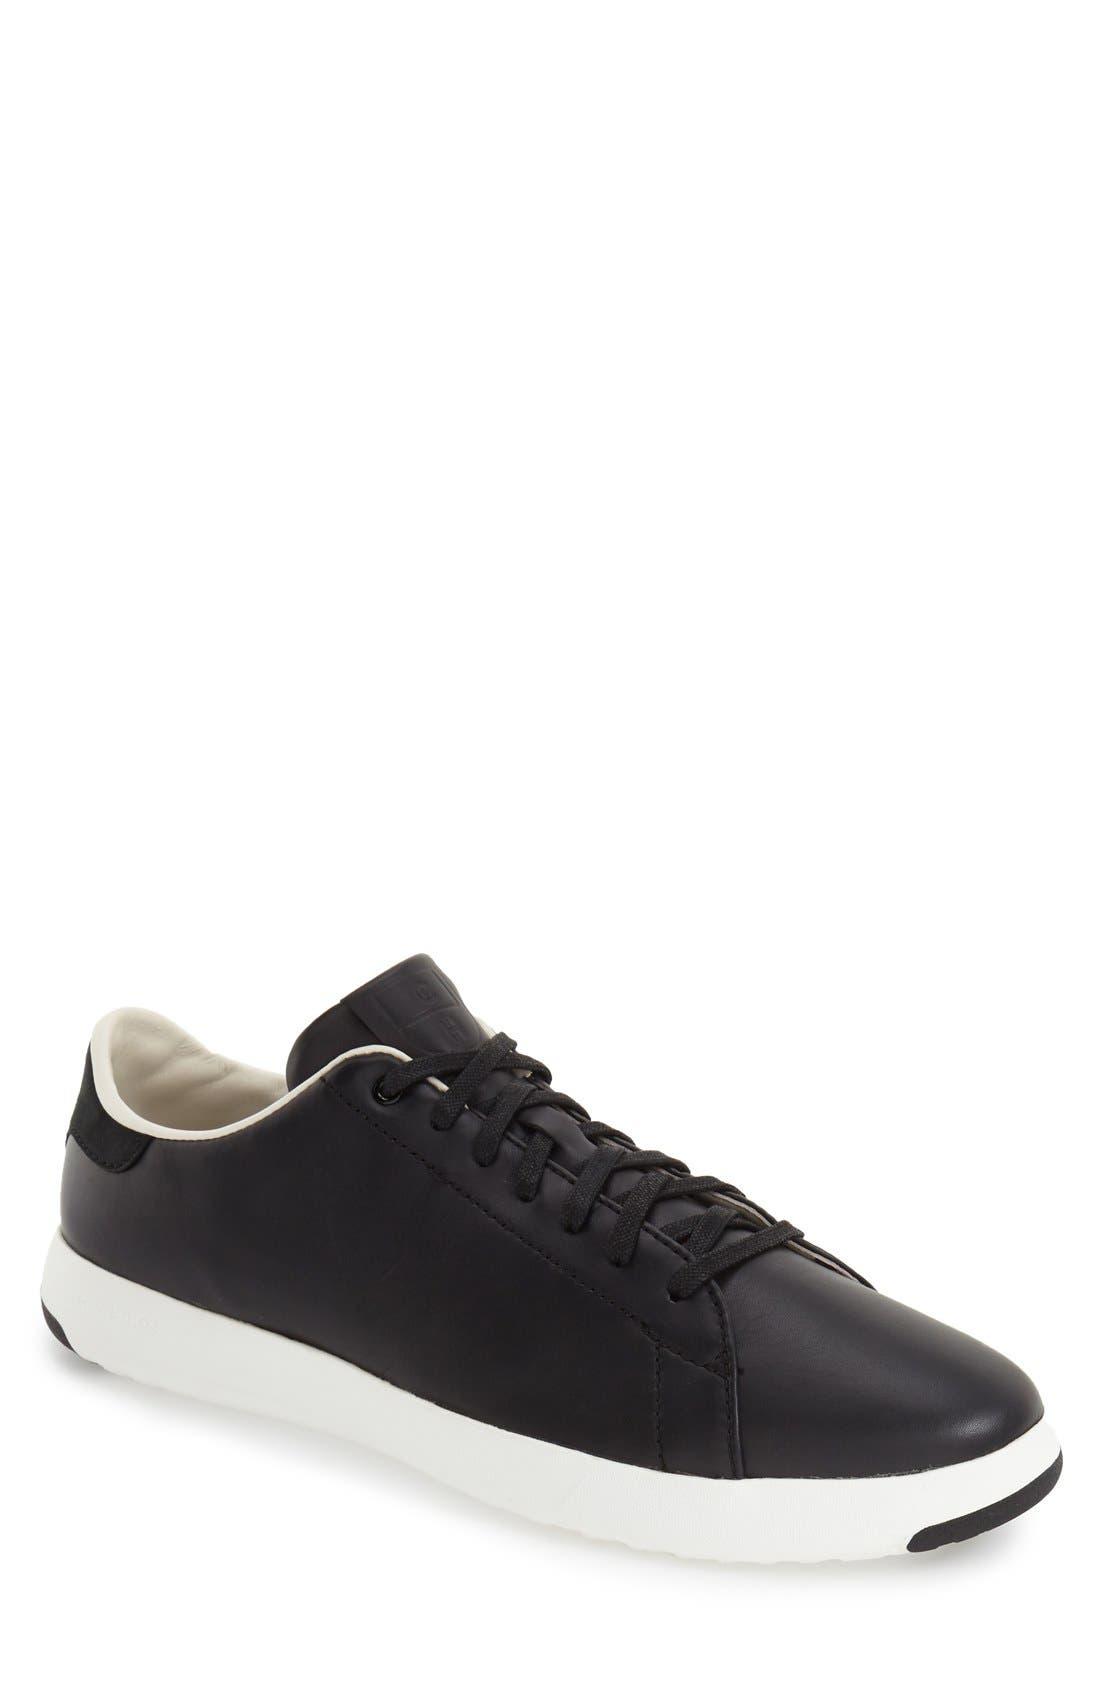 Alternate Image 1 Selected - Cole Haan GrandPro Tennis Sneaker (Men)